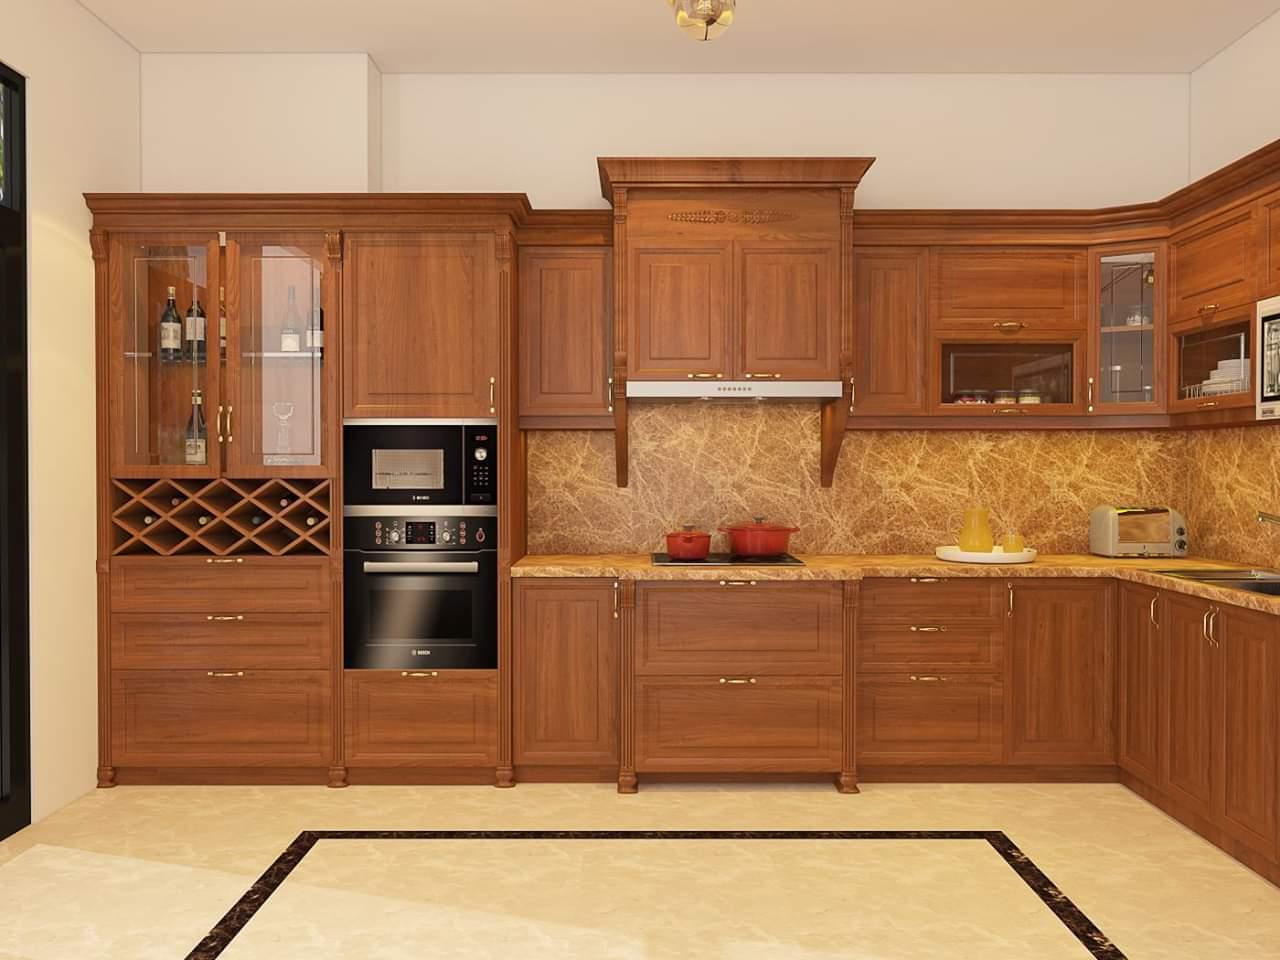 Chất liệu tủ bếp gỗ gõ đỏ trong nội thất bếp gia đình